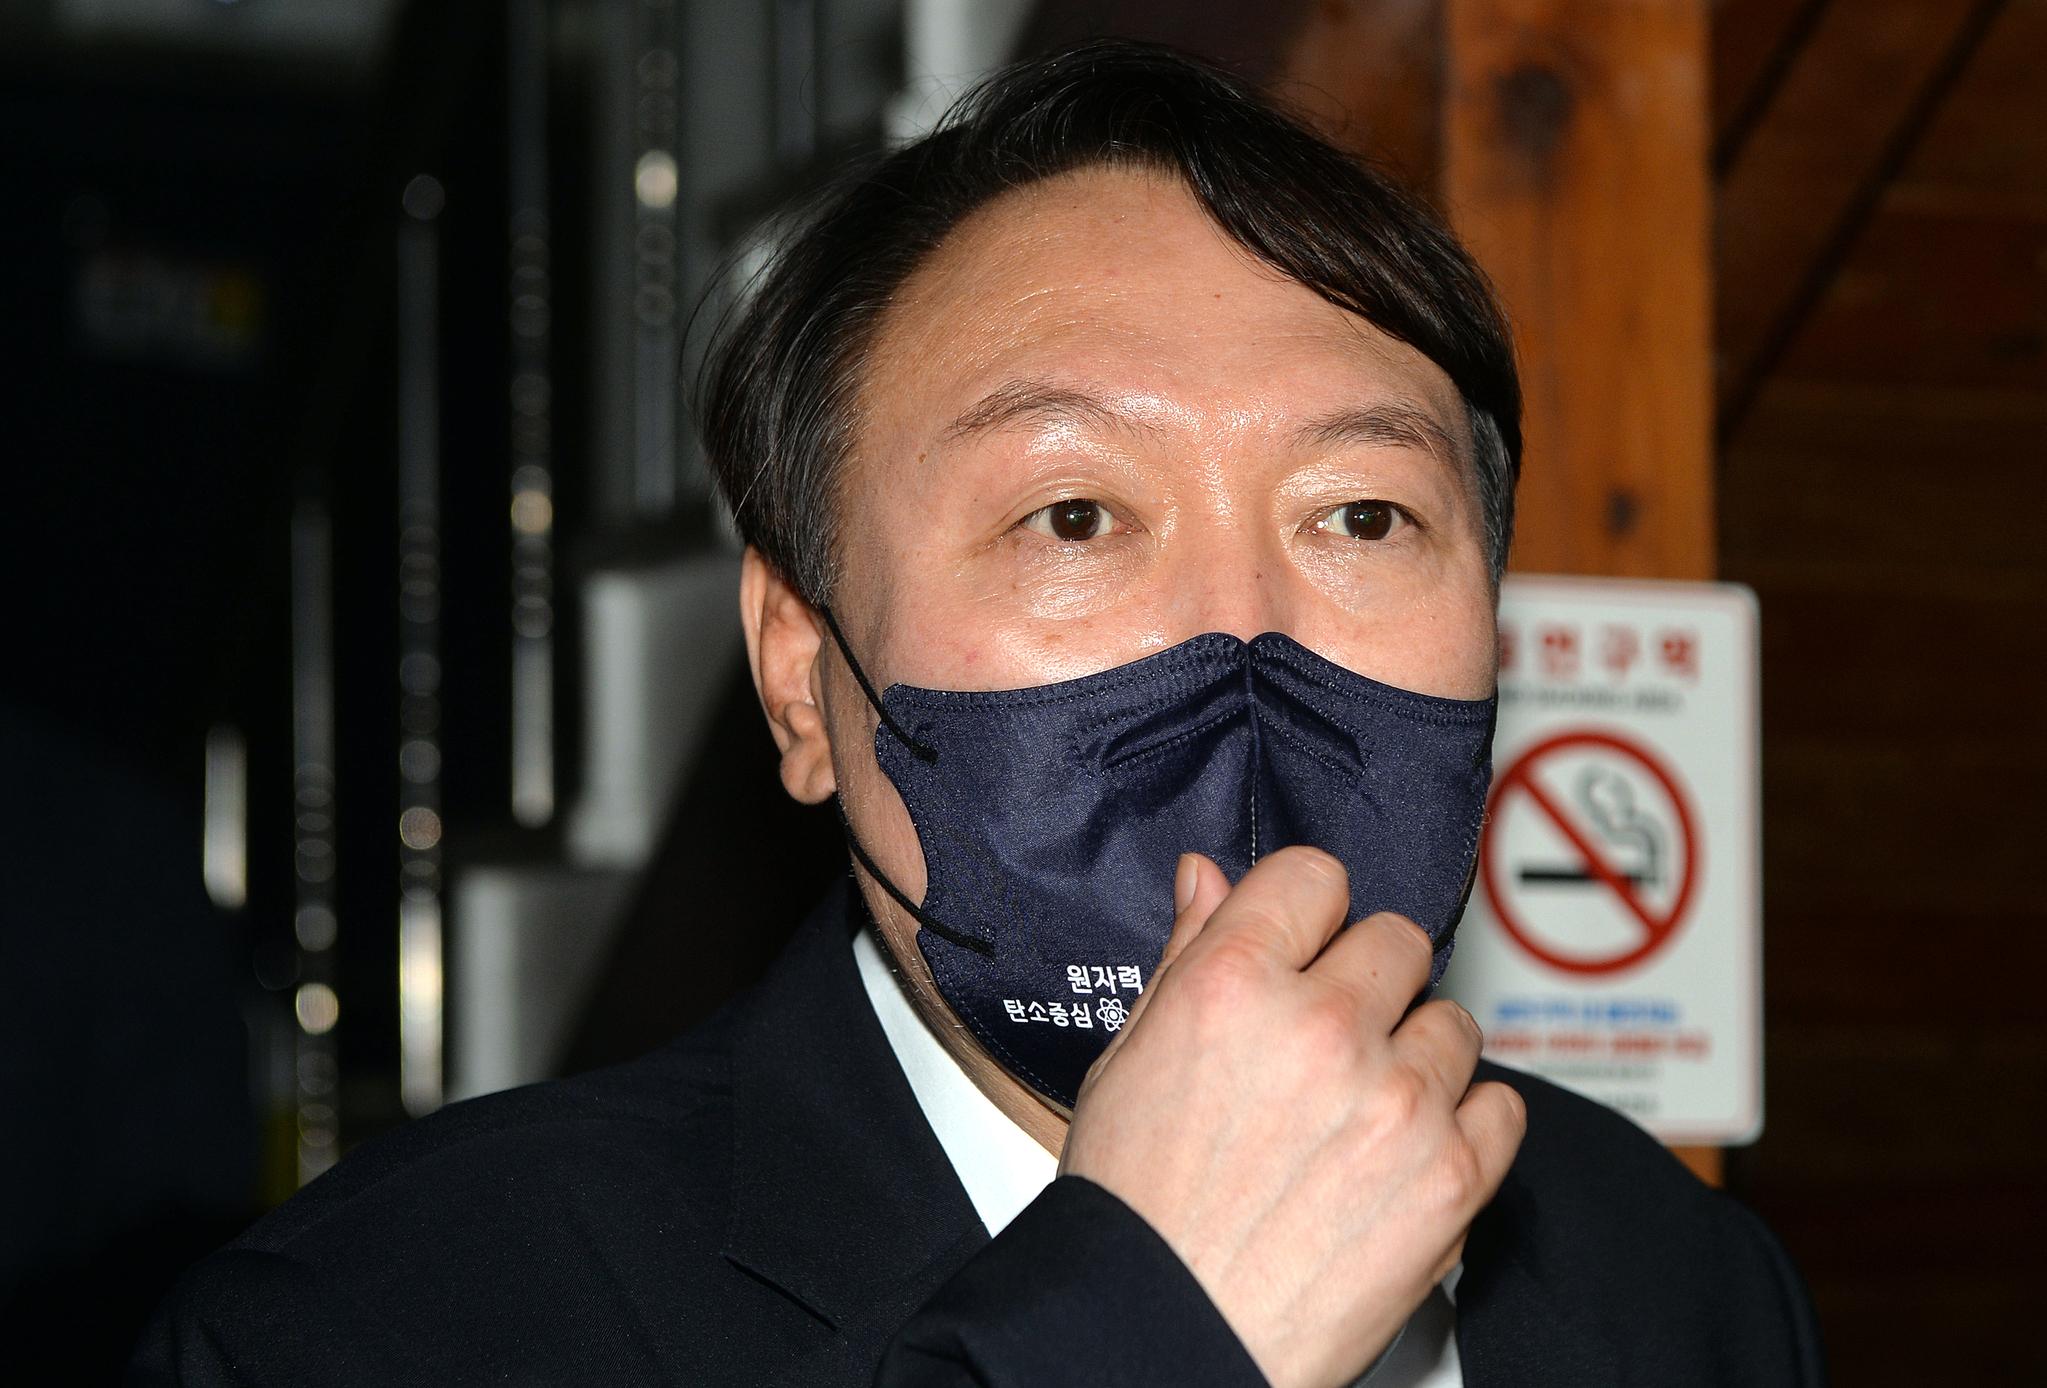 윤석열 전 검찰총장. 프리랜서 김성태